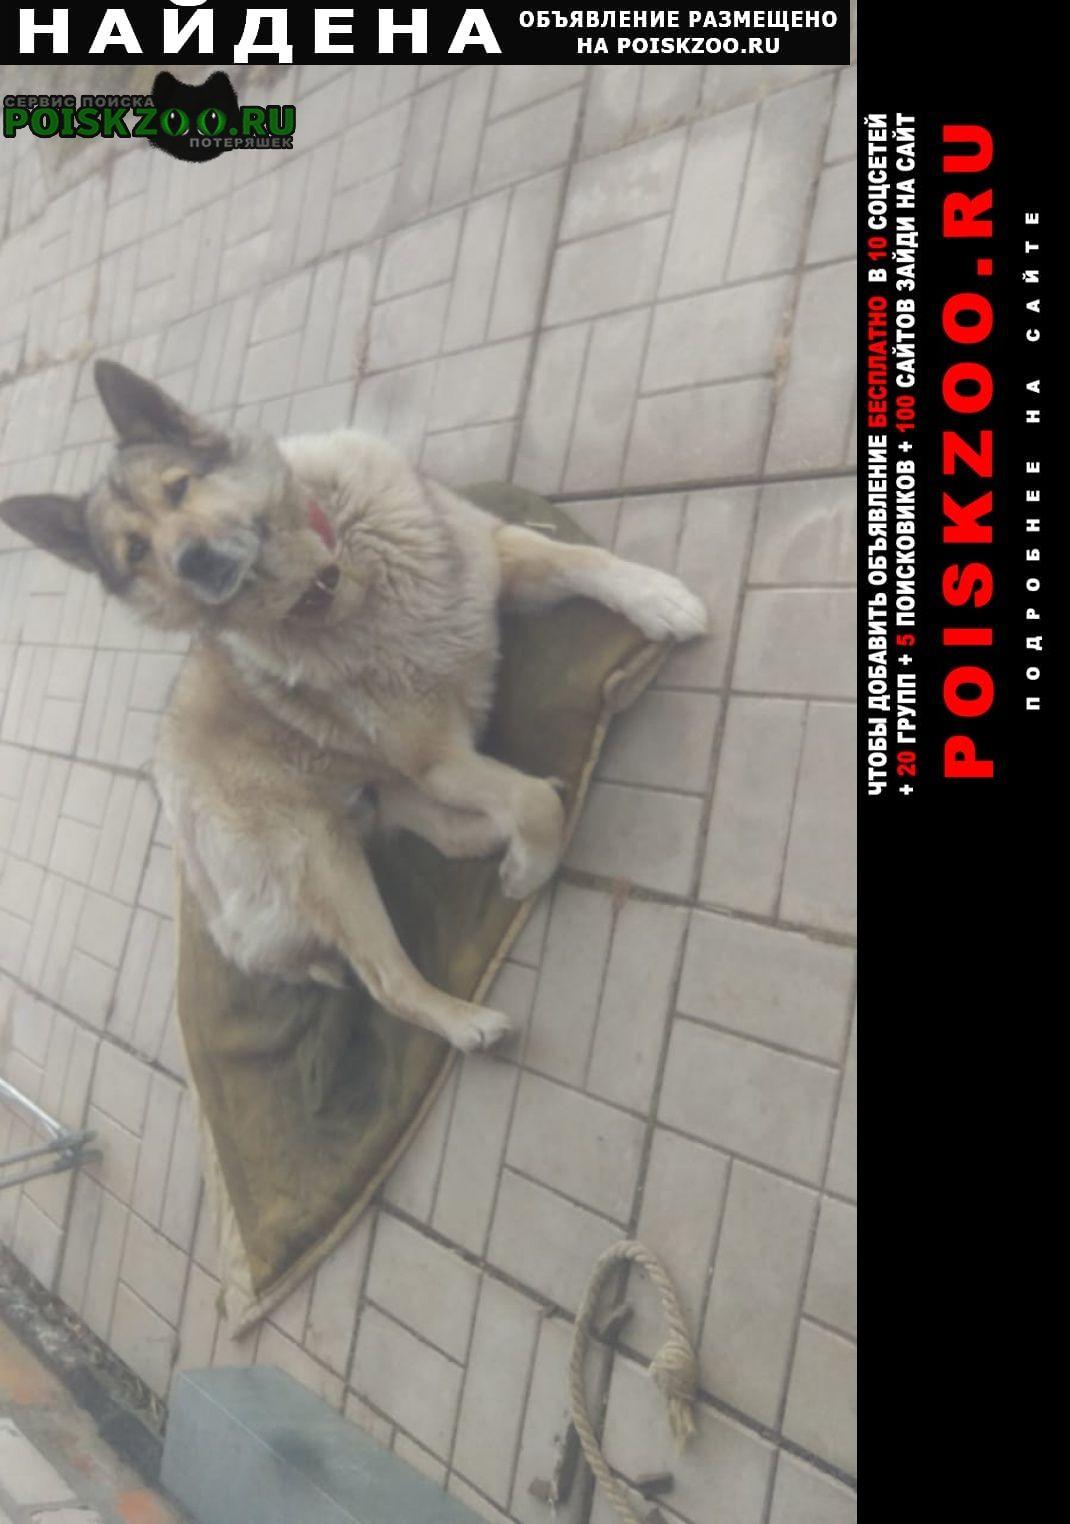 Найдена собака кобель лайка или подобная Кашин